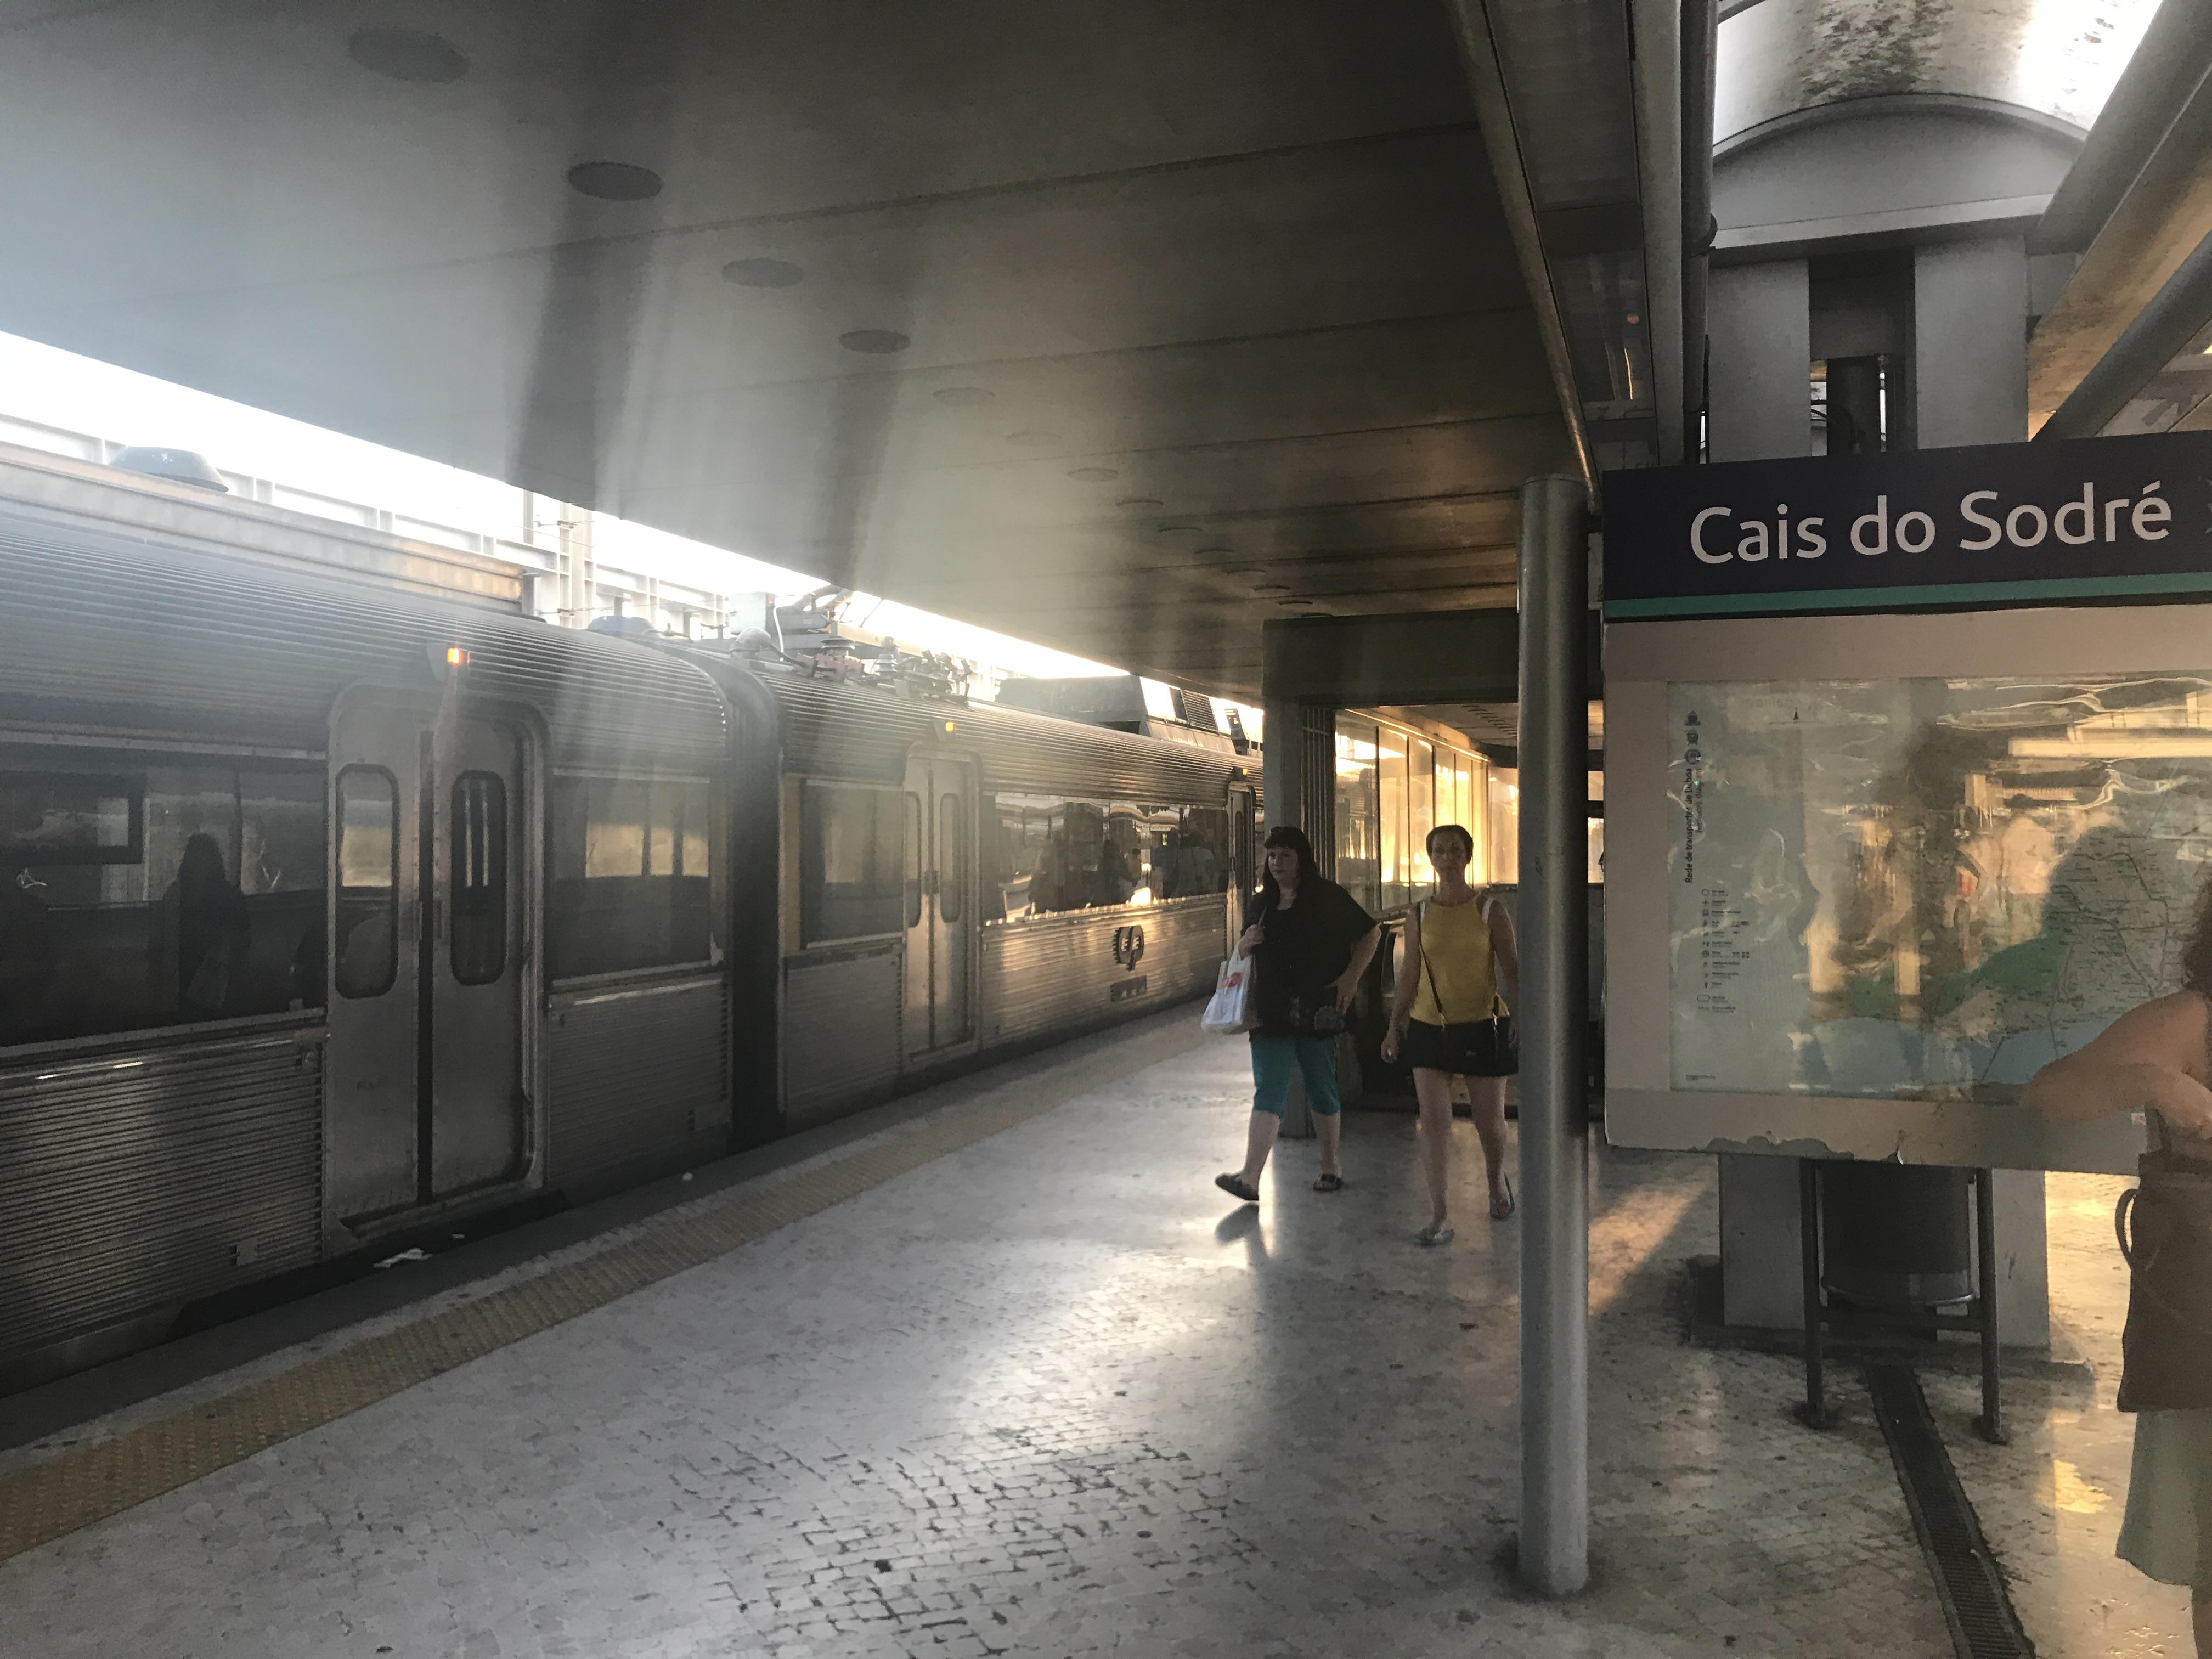 Lissabon: Cais do Sodré (Bahnhof) und Bahn nach Cascais